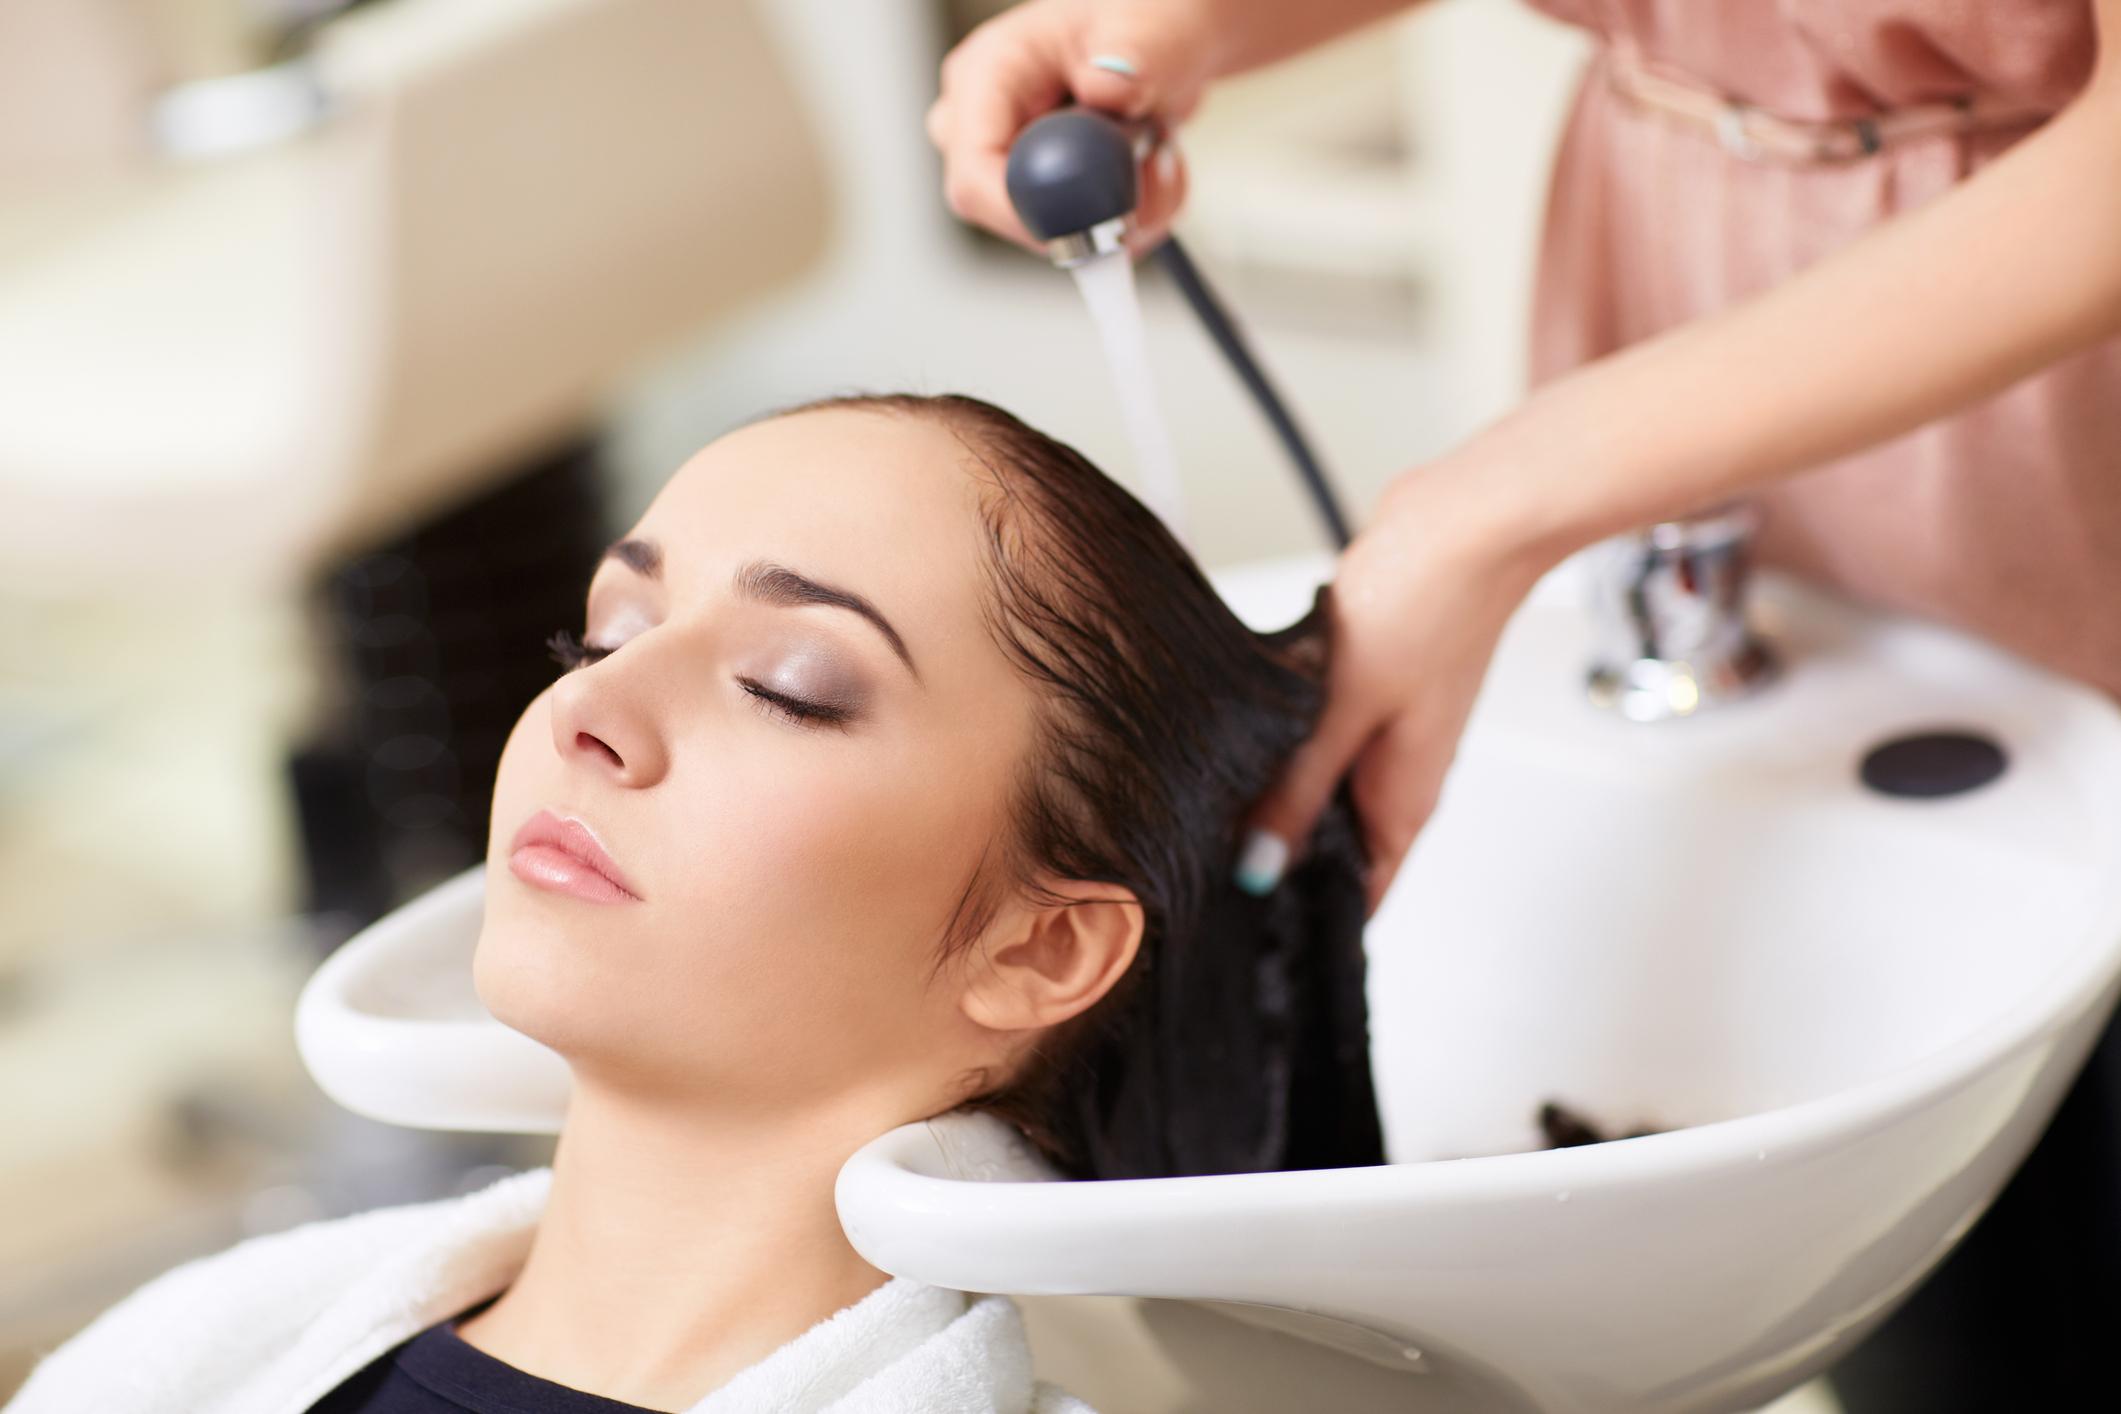 A woman receives a hair treatment at a spa.